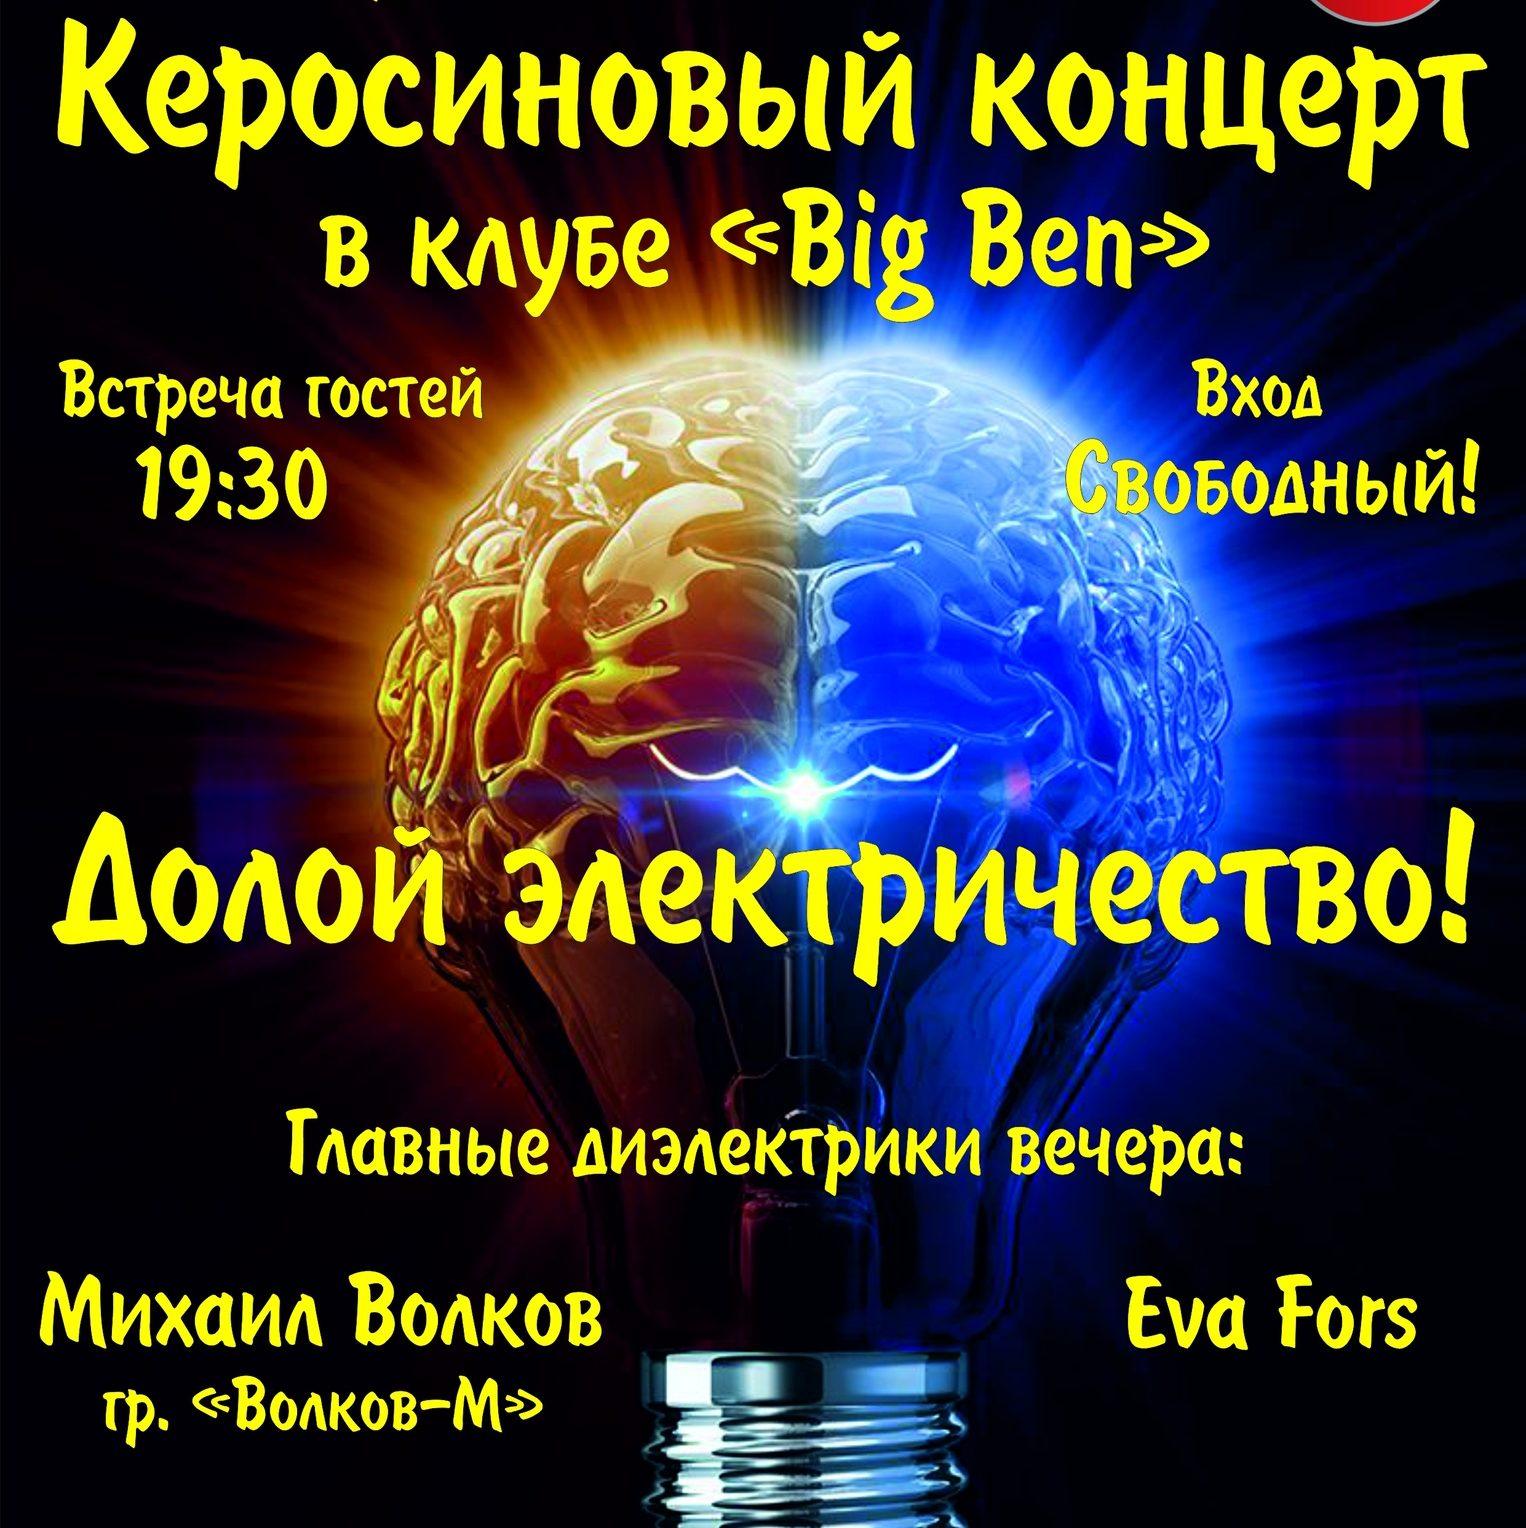 В Твери пройдет керосиновый концерт